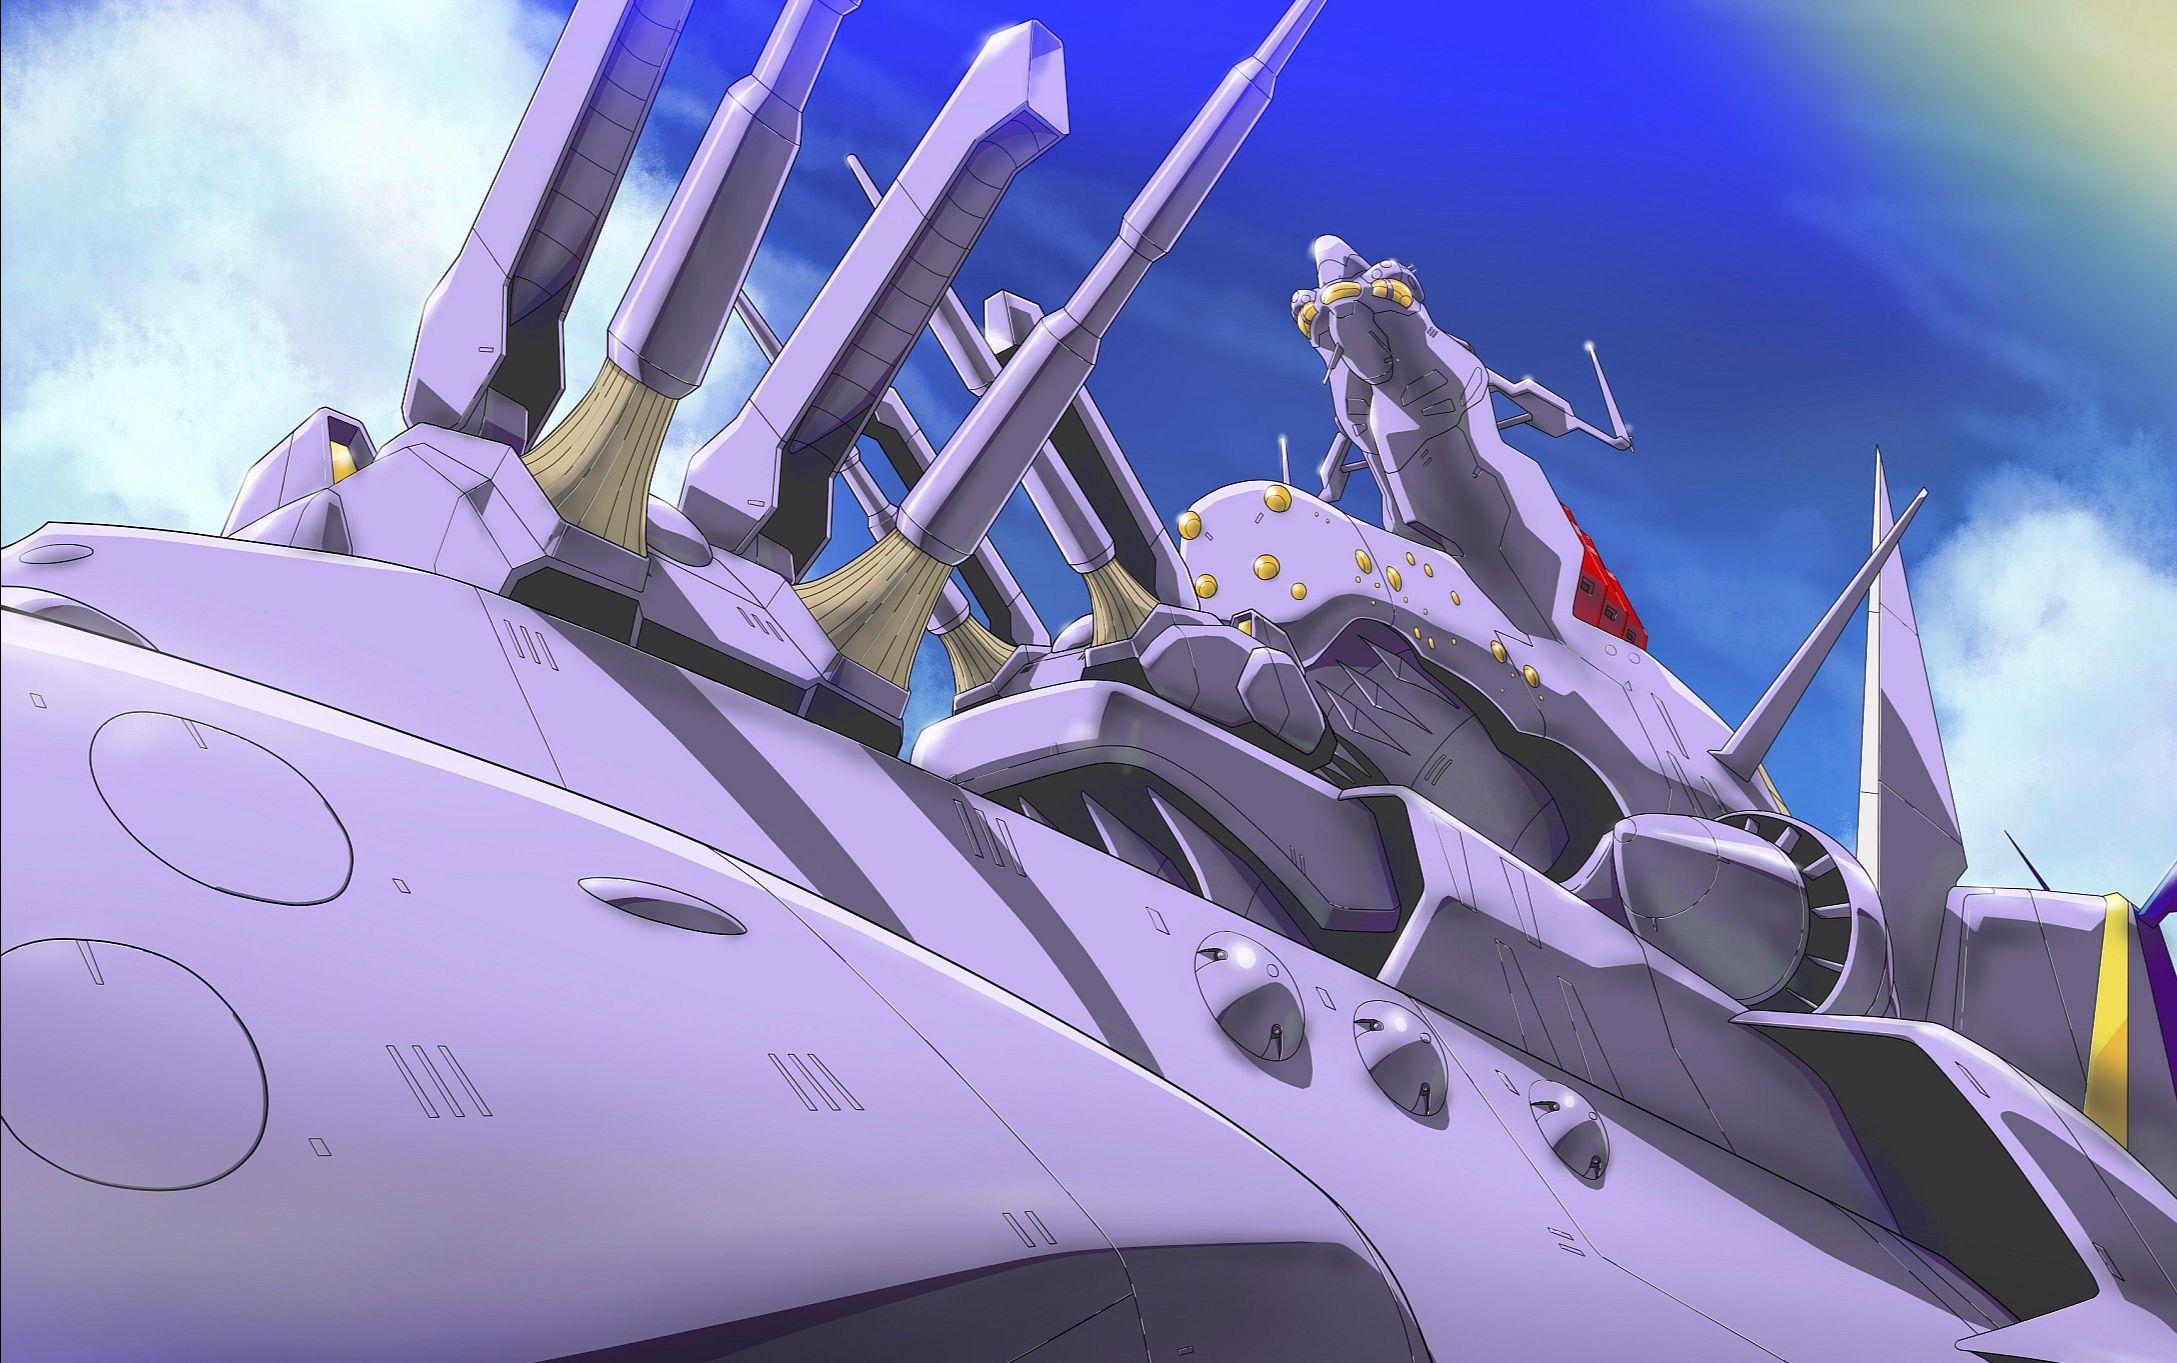 第二次机器人大战g_超级机械人大战X 参战作品OP集_哔哩哔哩 (゜-゜)つロ 干杯~-bilibili